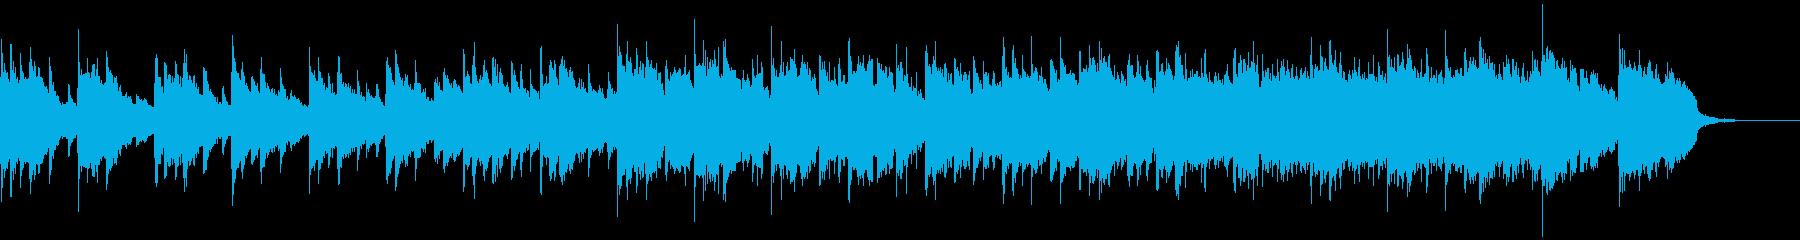 優しい懐かしさのあるBGMの再生済みの波形